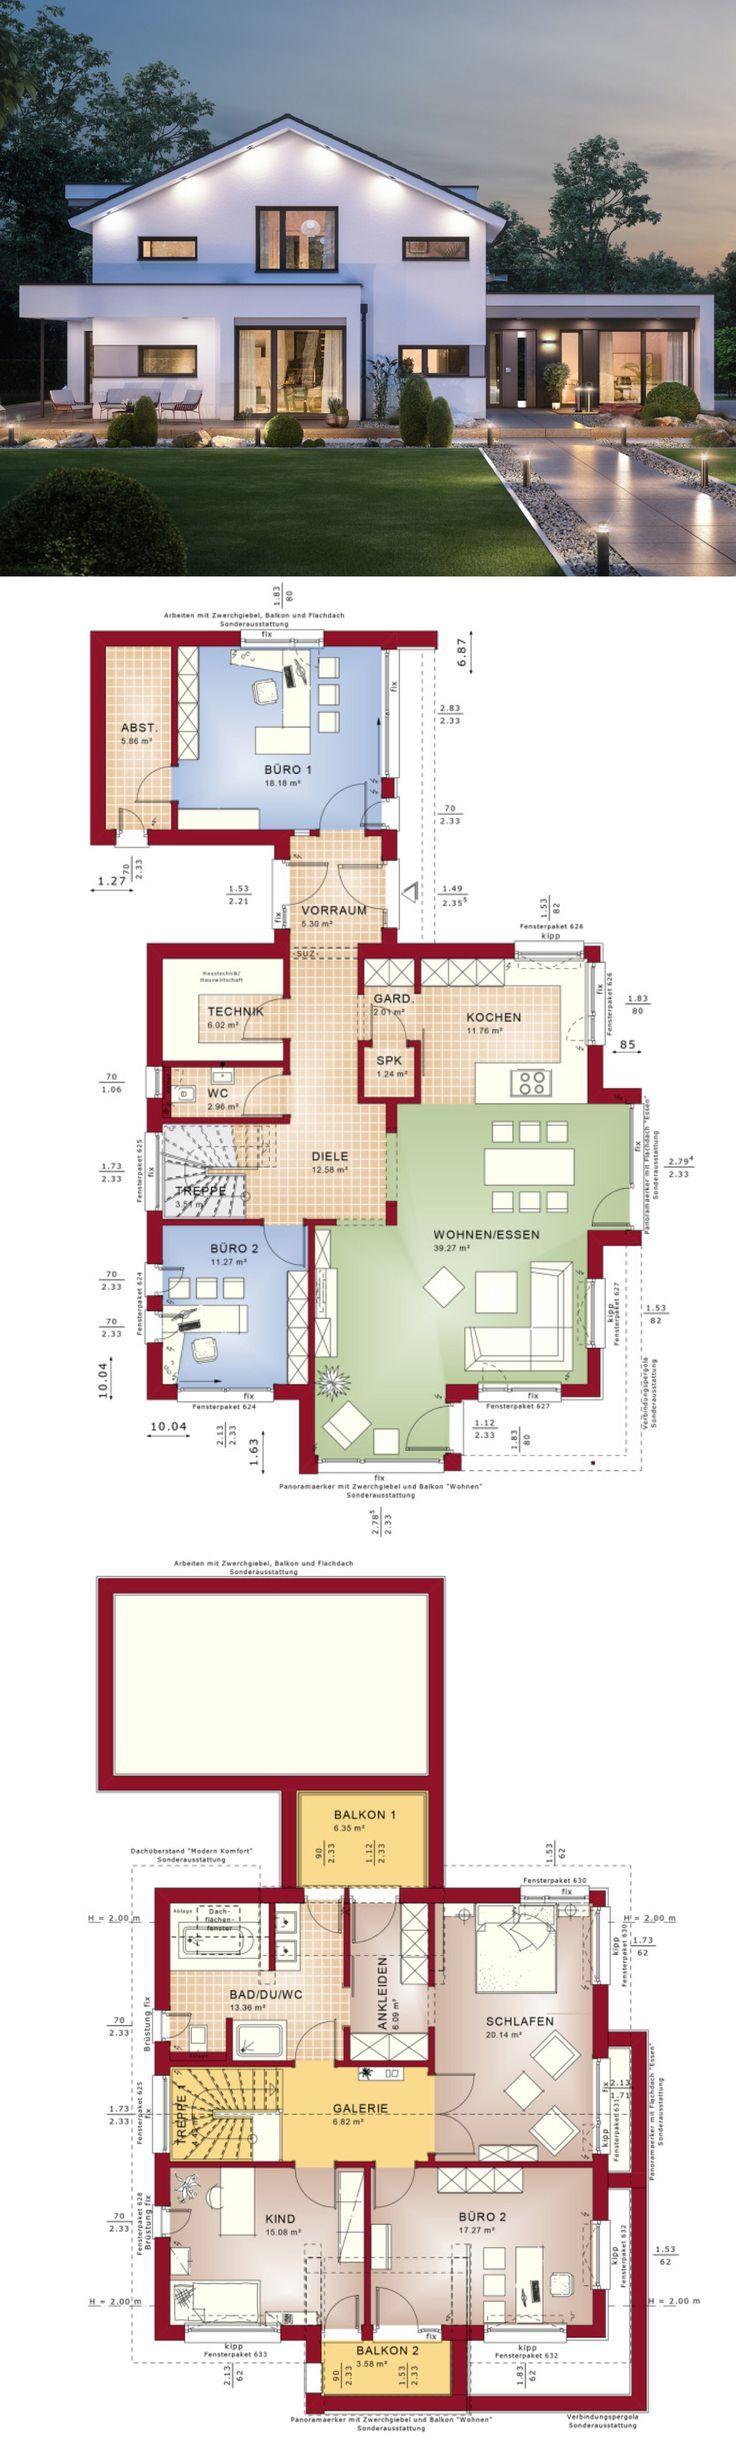 Modernes Design Haus mit Satteldach Architektur & Büro Anbau – Einfamilienhaus bauen Grundriss Fertighaus Concept-M 166 Bien Zenker Hausbau Ideen – HausbauDirekt.de – Jessica